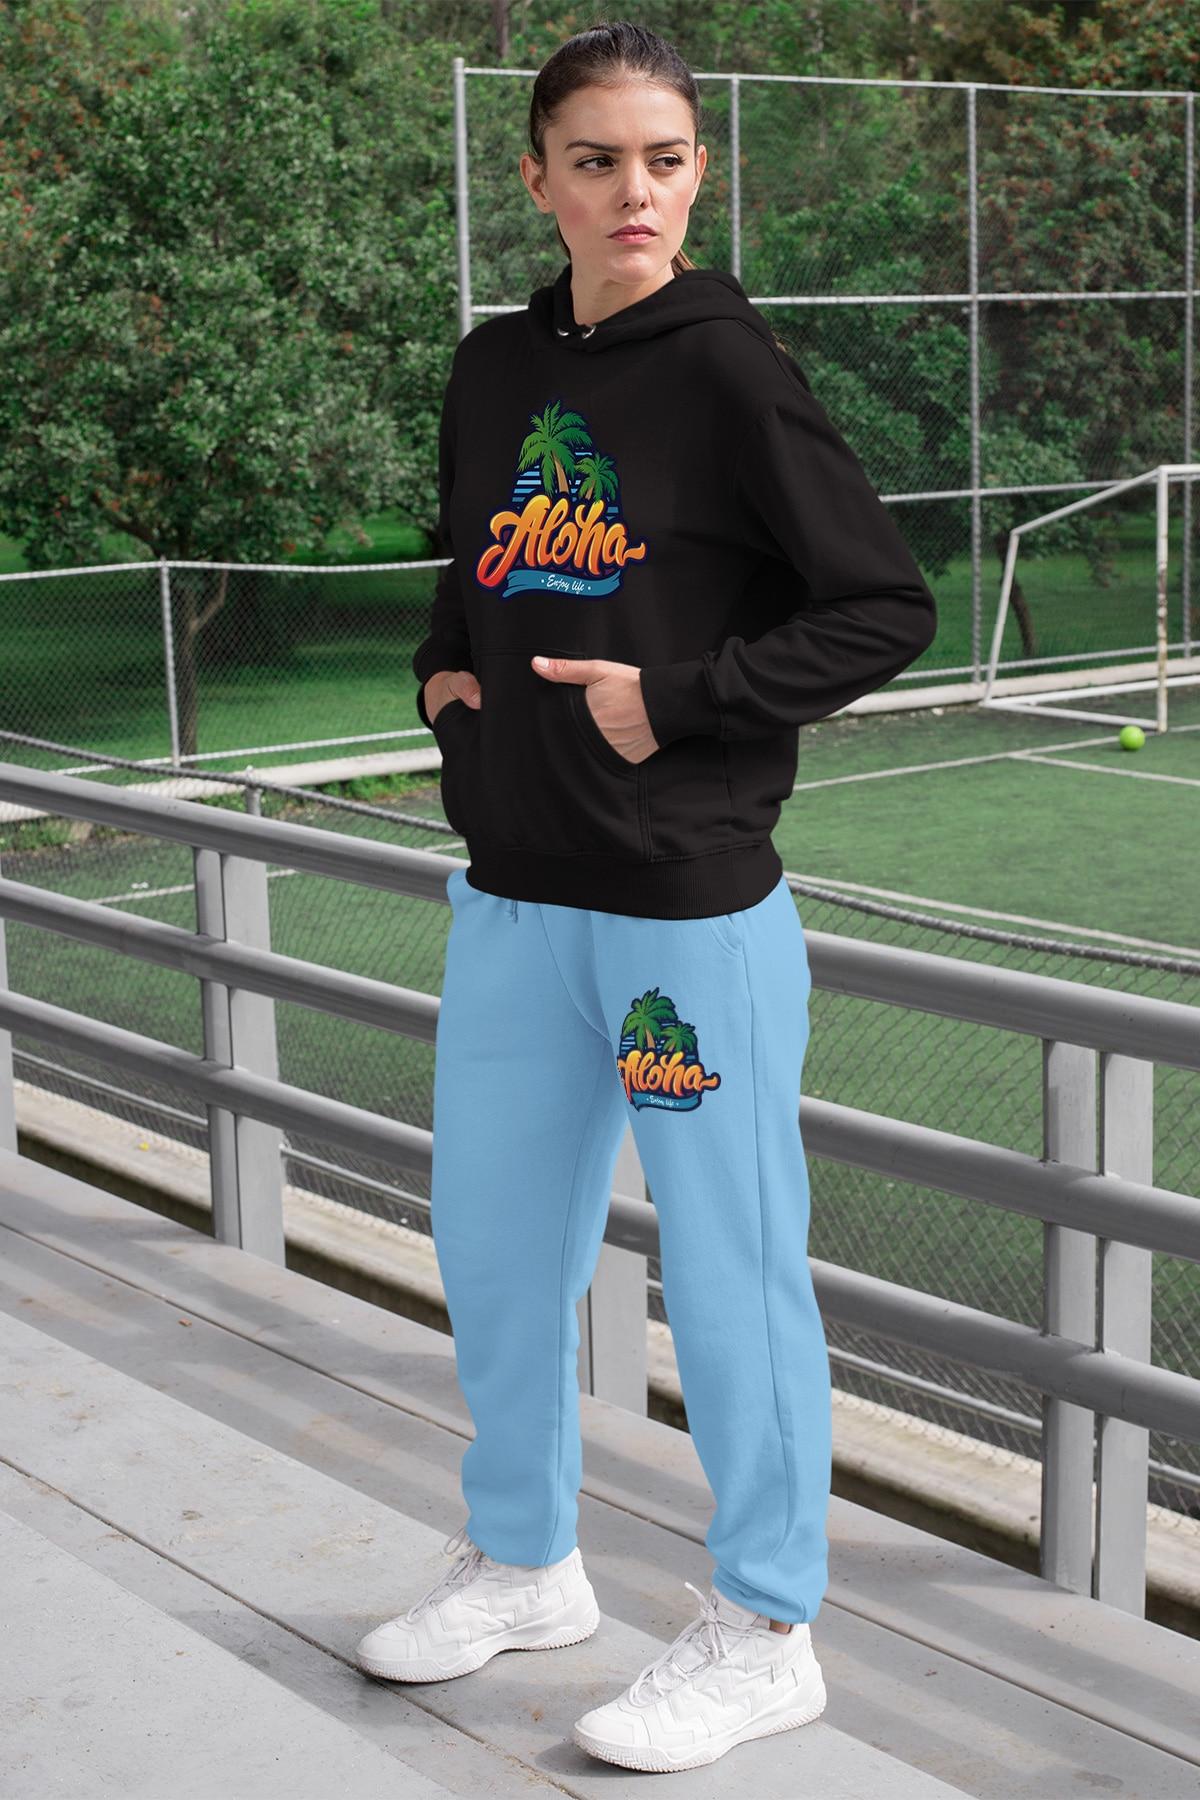 Conjunto de chándal Angemiel Wear Aloha Enjoy Life para mujer, Sudadera con capucha negra, pantalones de chándal azules